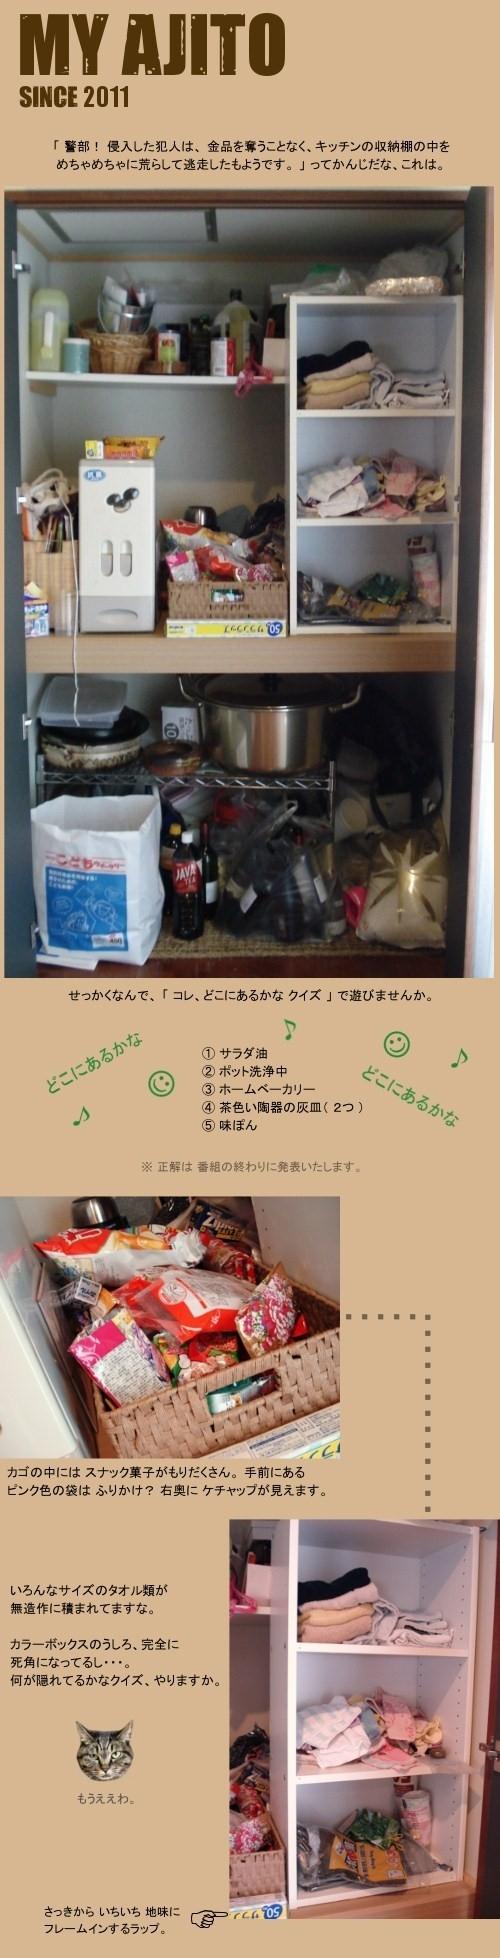 ayan_k1_02.jpg